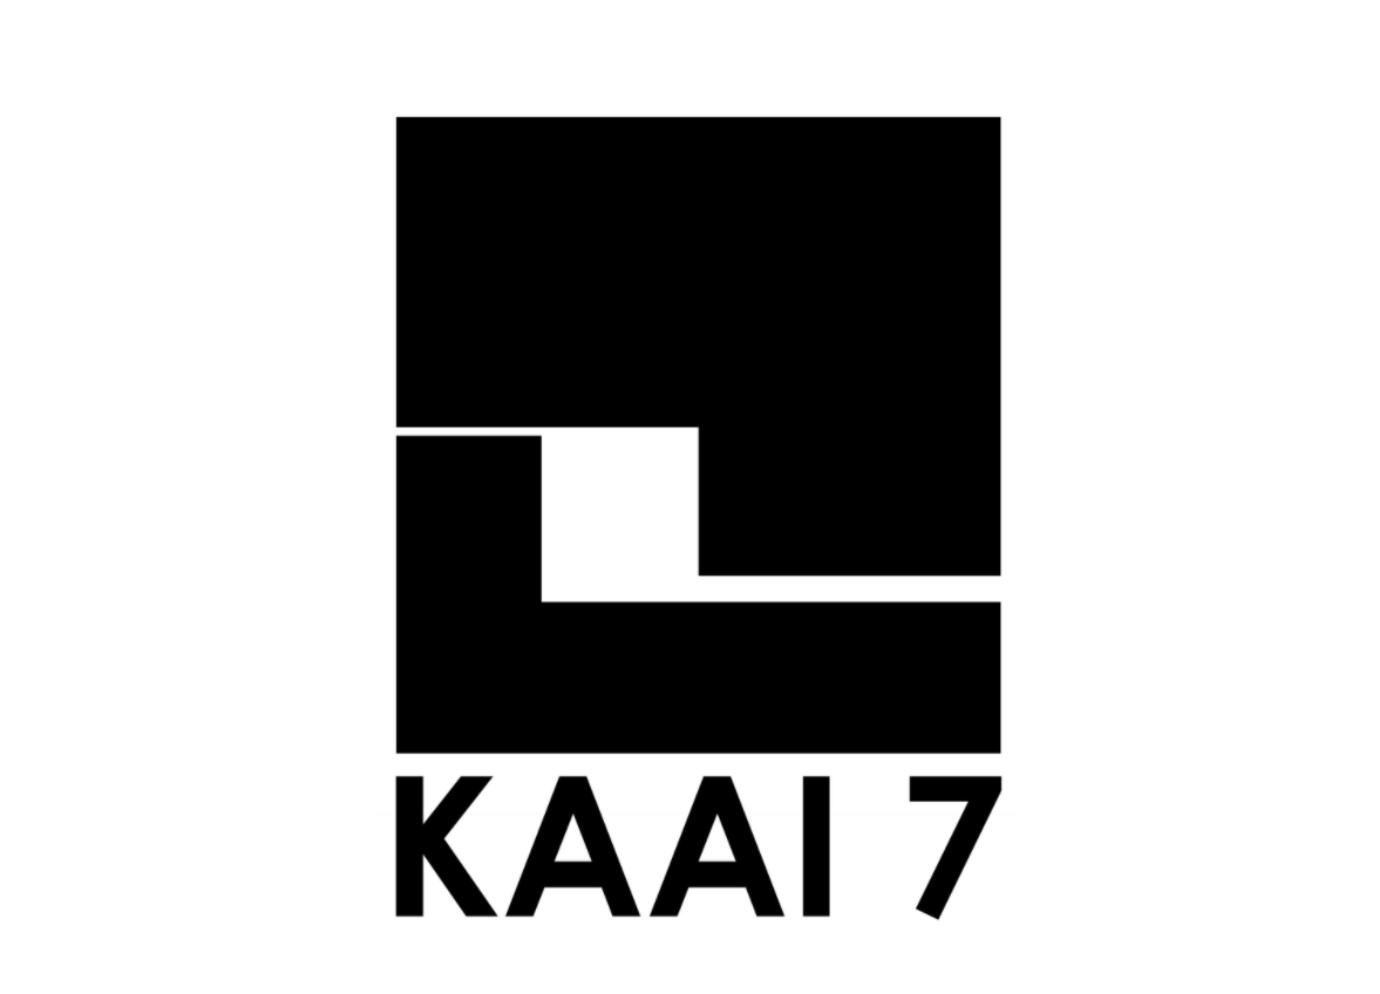 Kaai7 logo